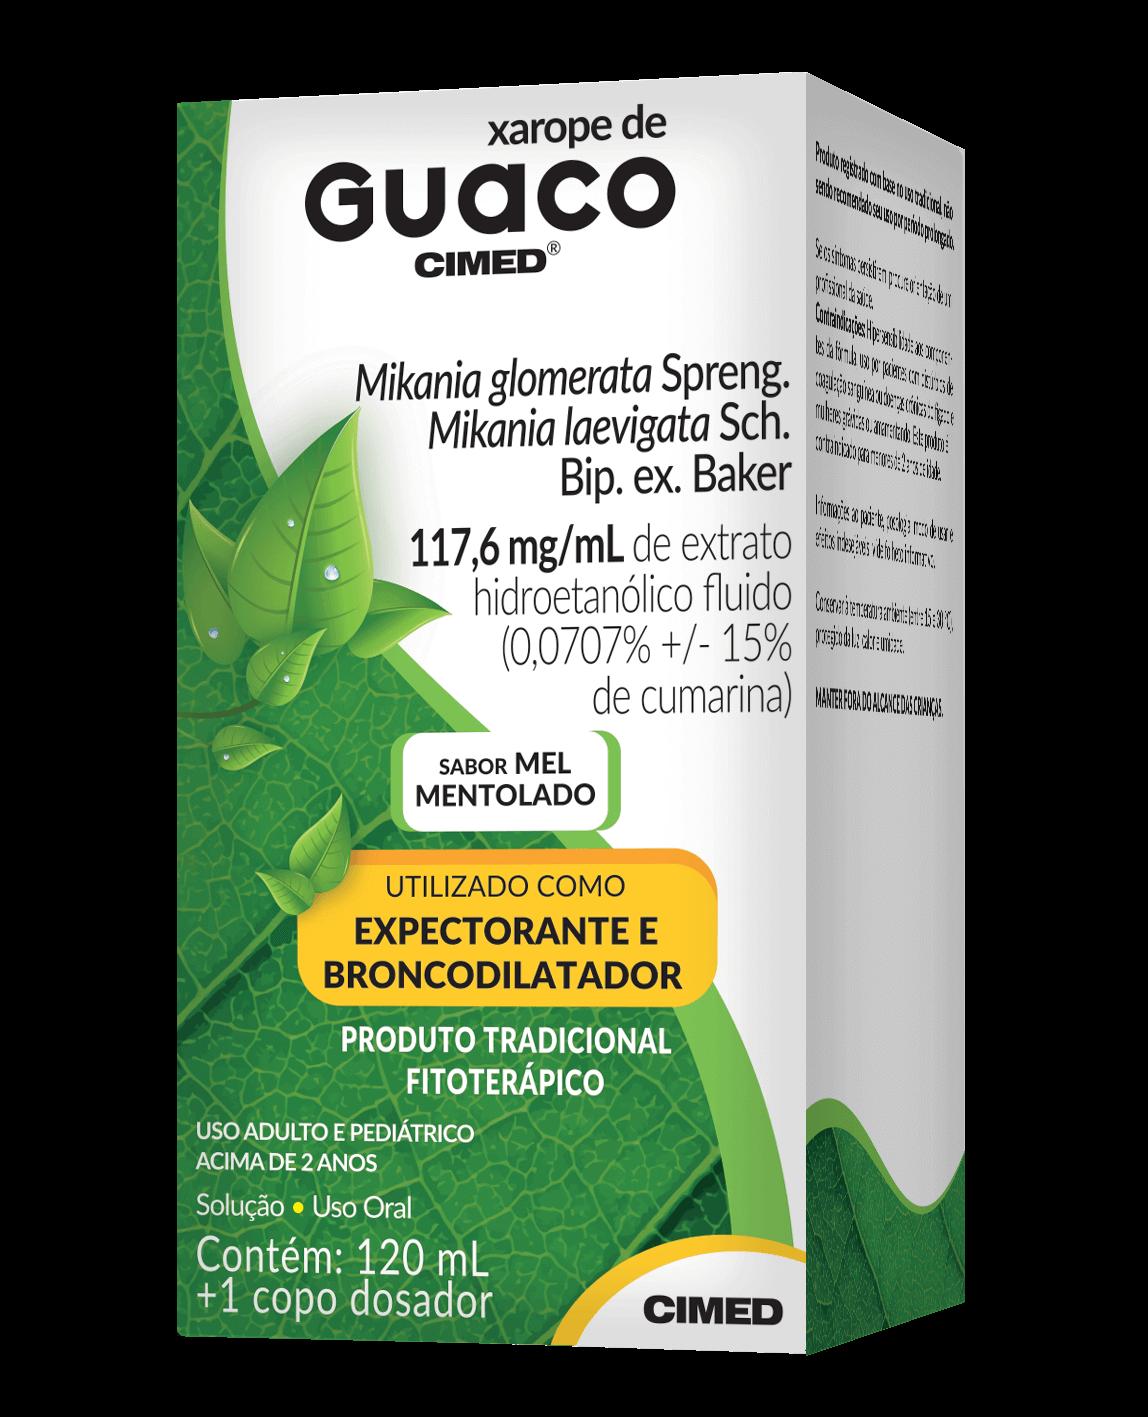 Imagem da embalagem do Guaco.